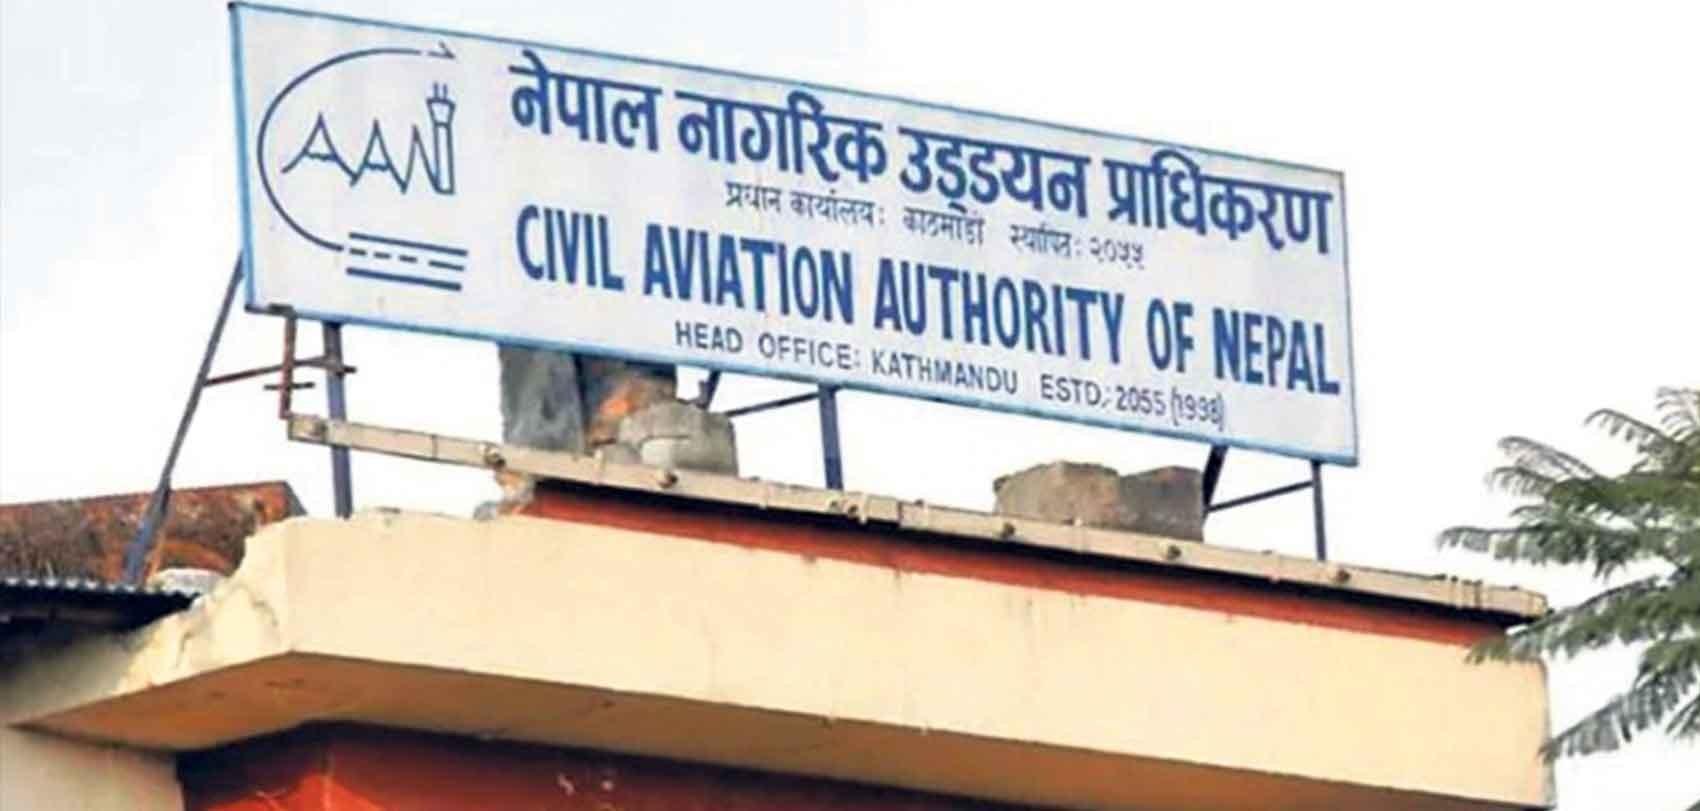 नागरिक उड्डयन प्राधिकरणमा जागिर खुल्यो